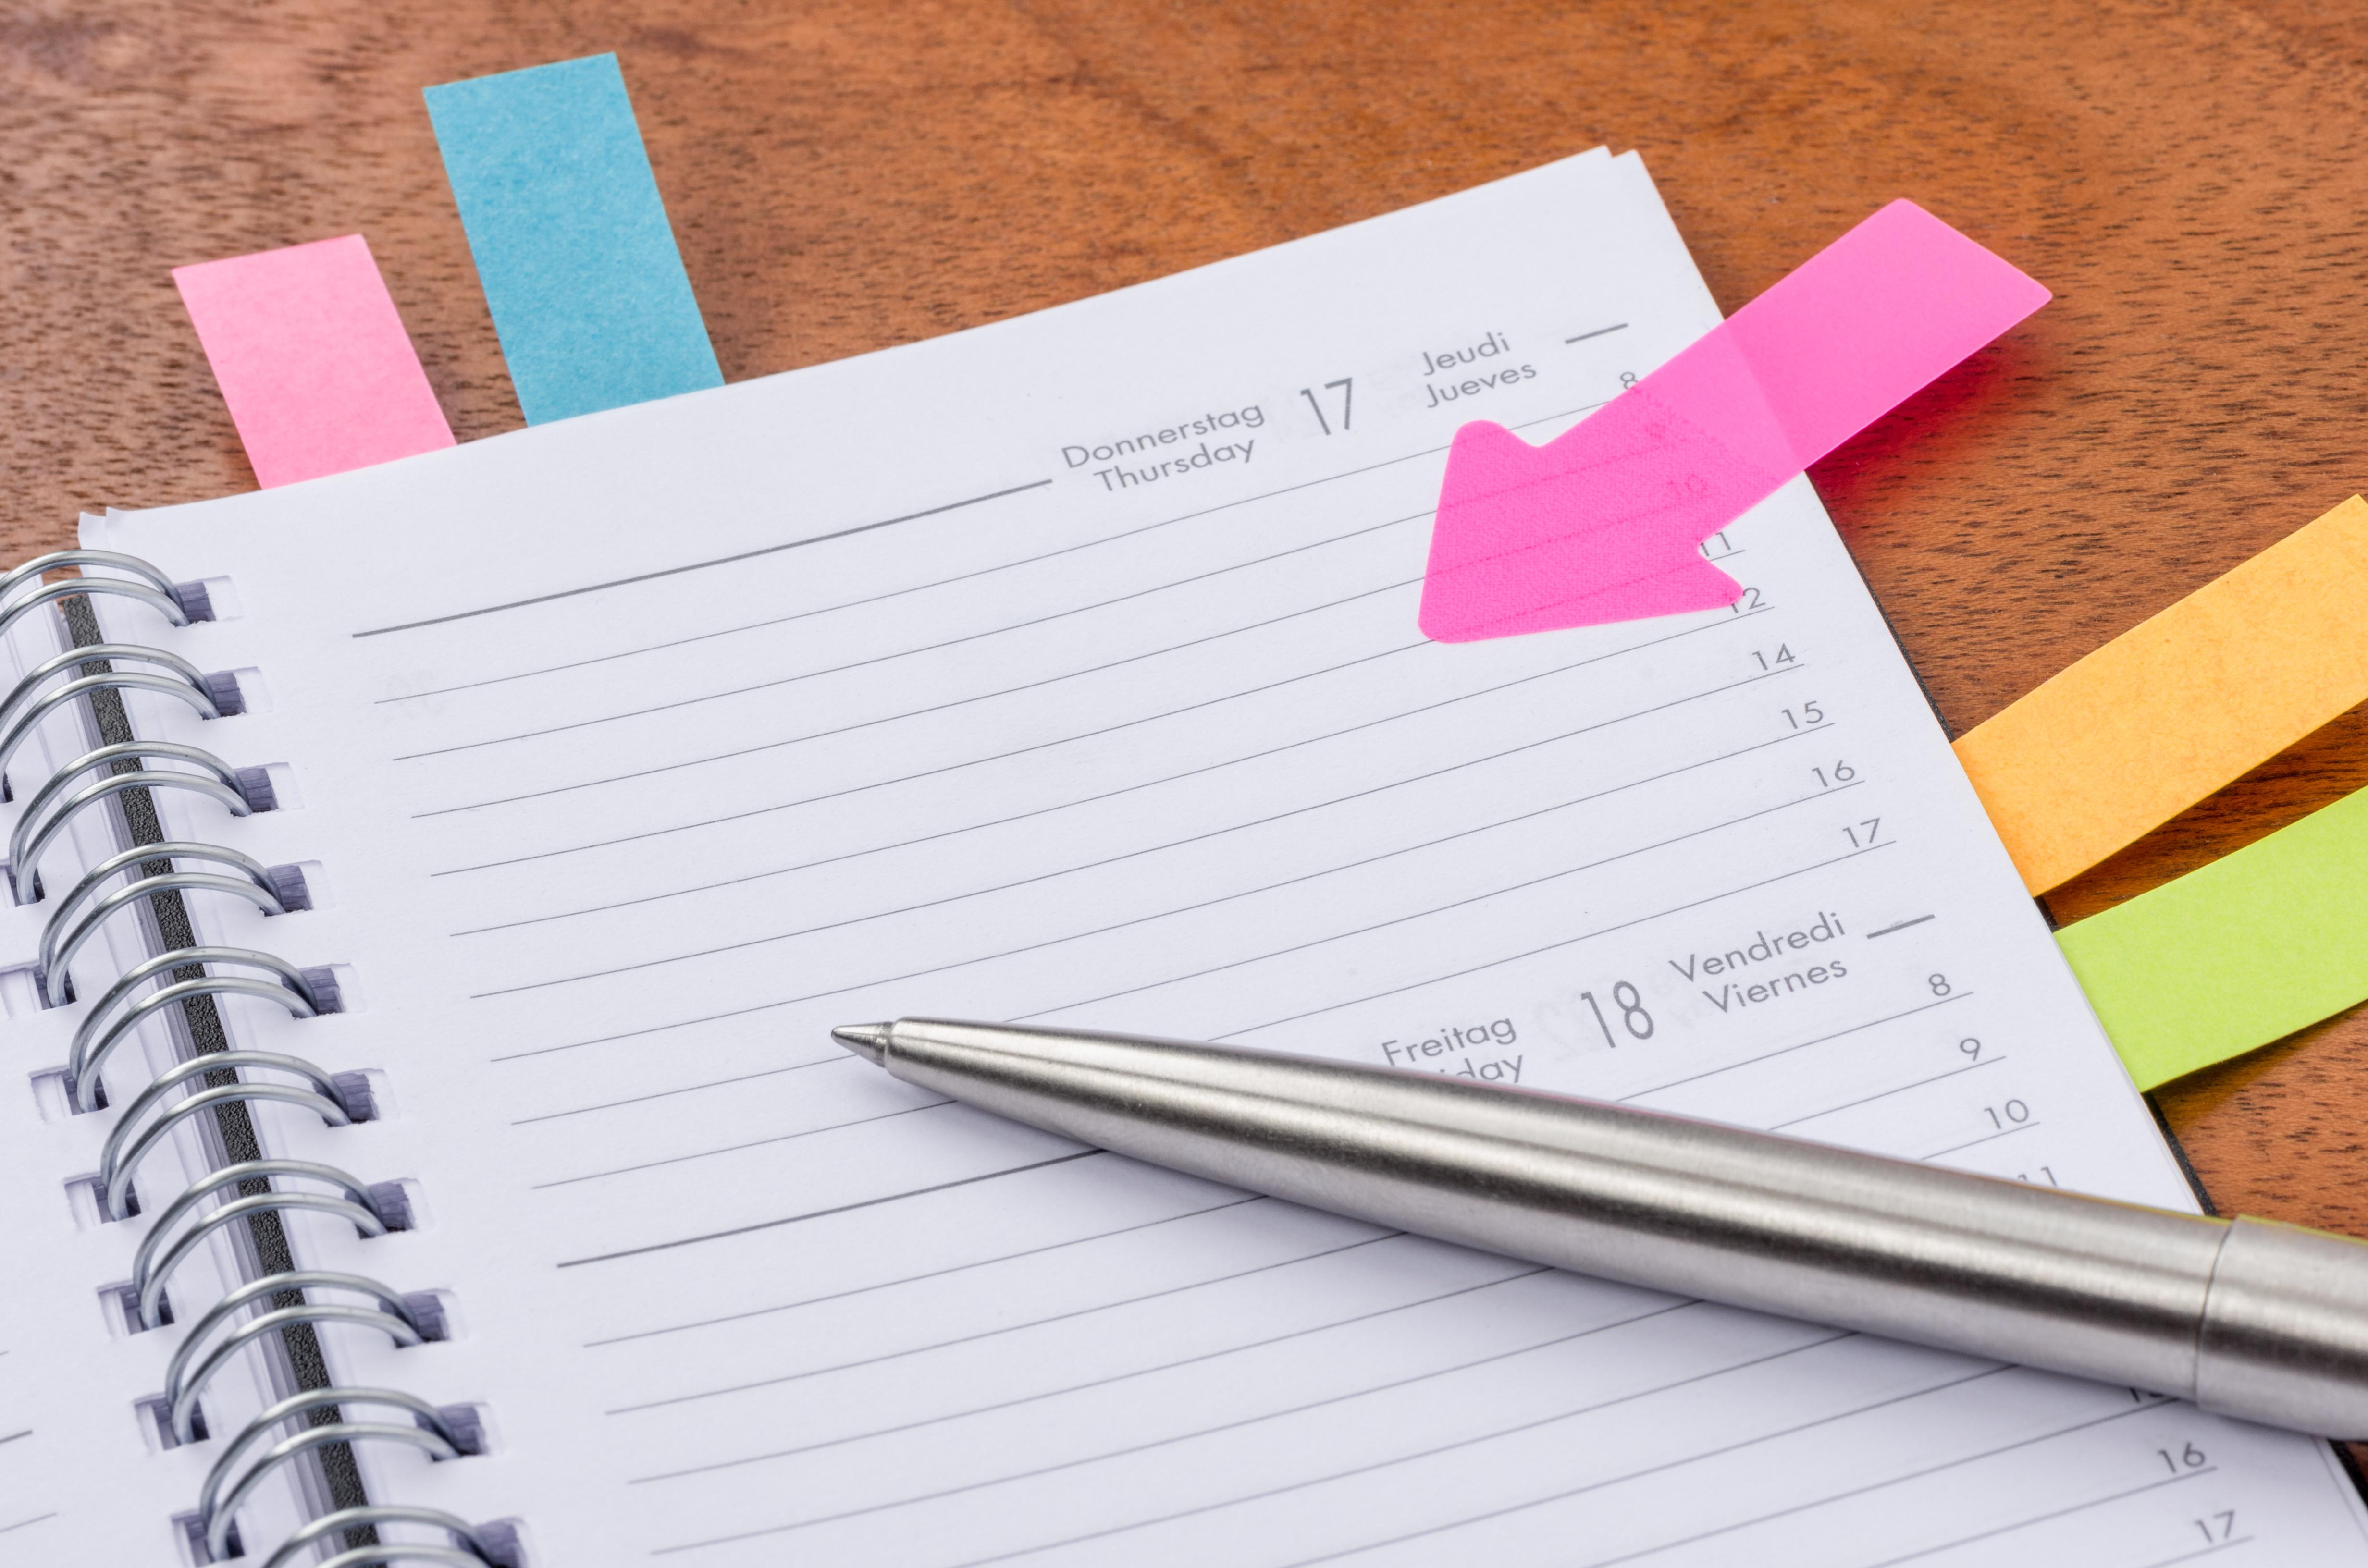 Scheduling Client Calls